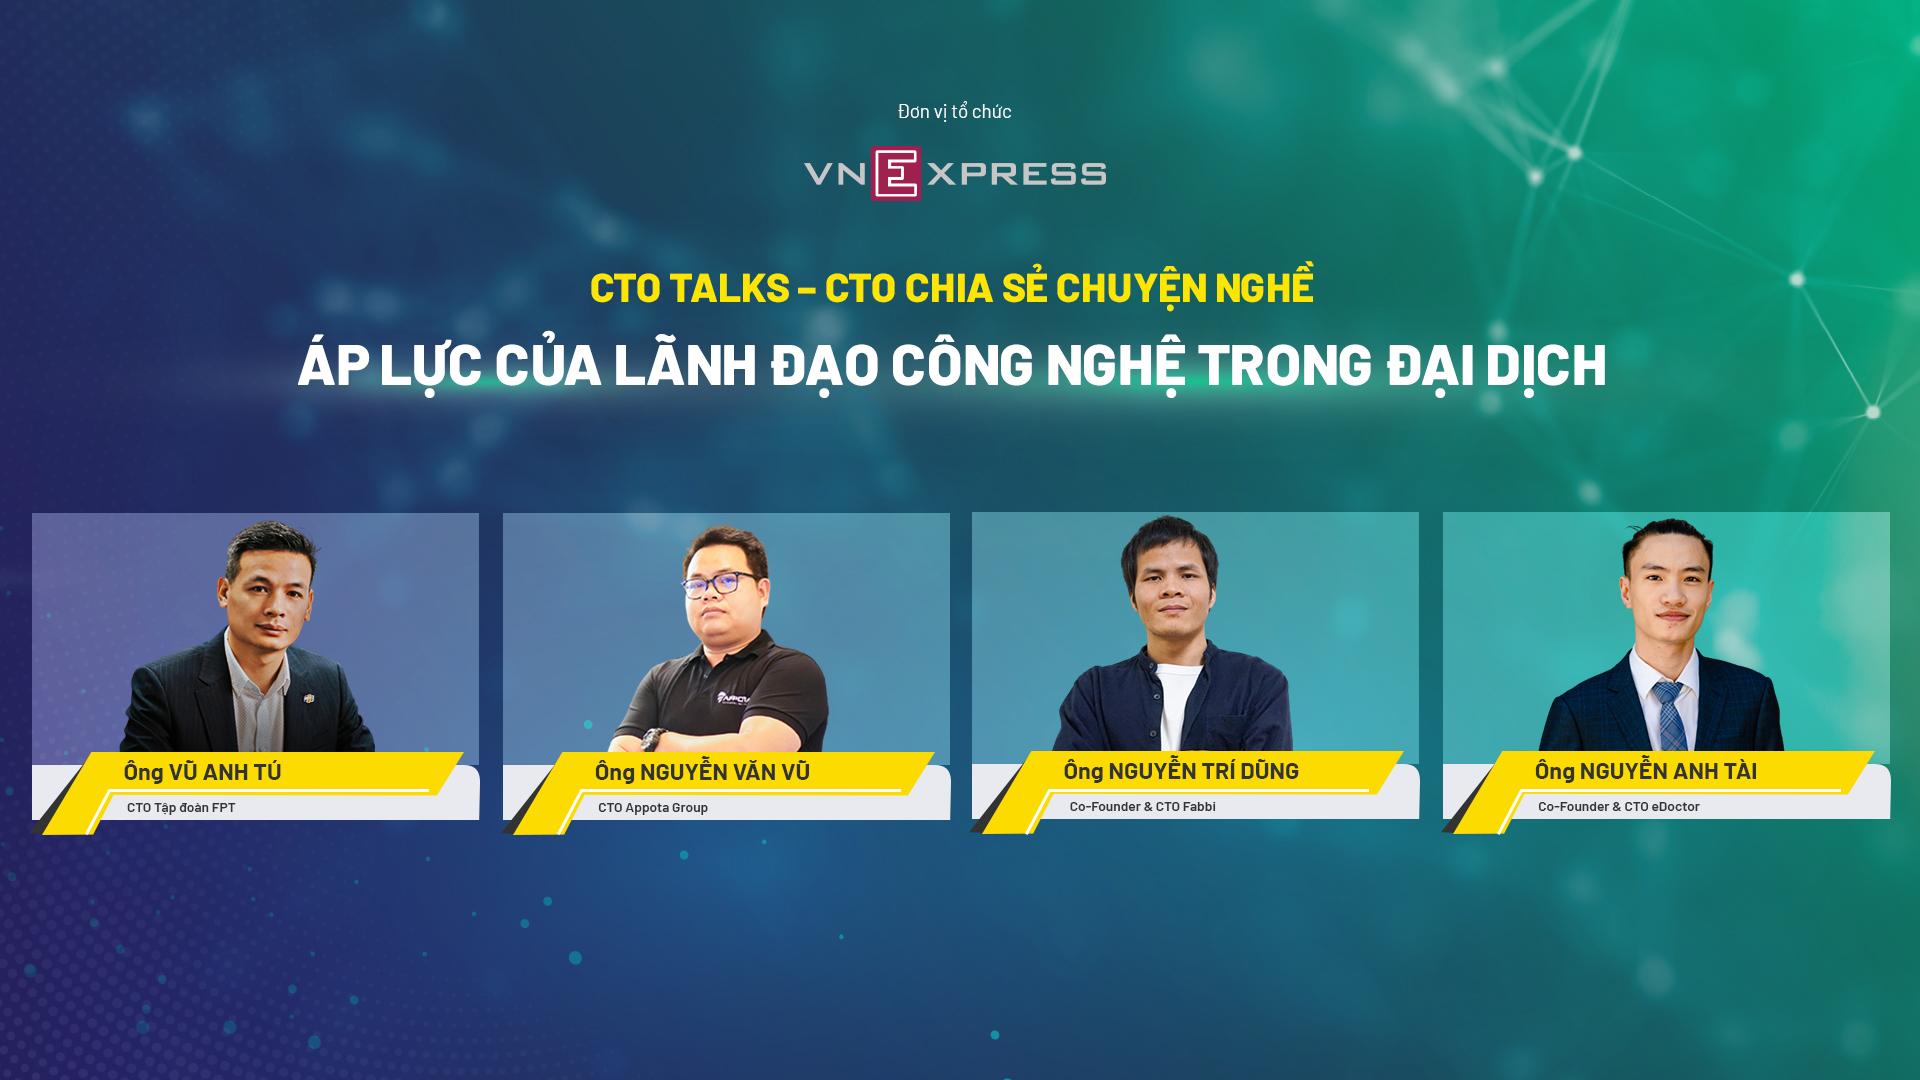 Bốn diễn giả trong phiên đầu tiên của CTO Talks nói về áp lực của lãnh đạo công nghệ trong đại dịch.